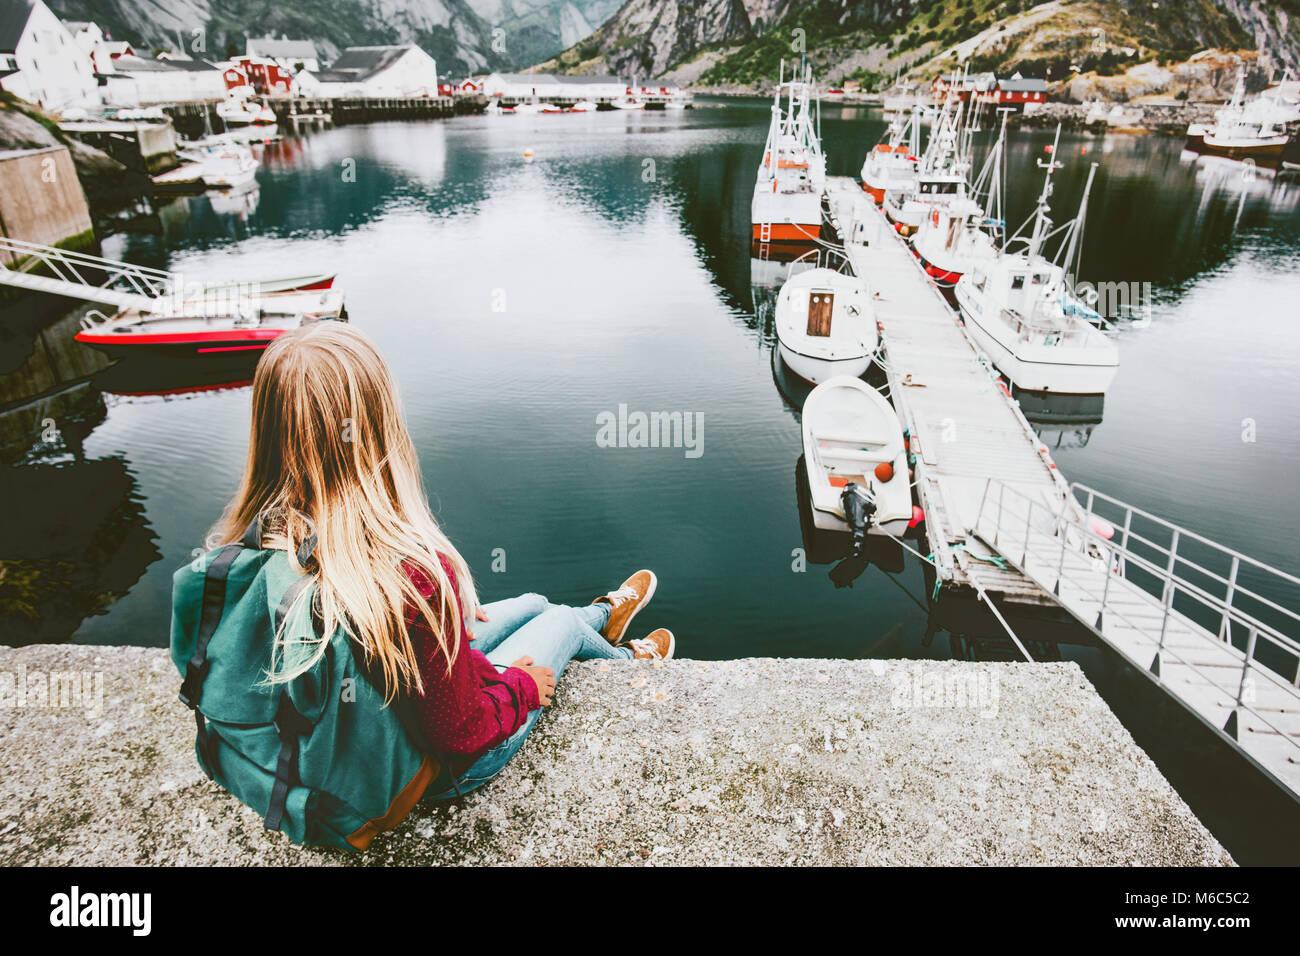 Donna bionda con zaino rilassante sul ponte sul mare con barche Visualizza stile di vita viaggio avventura concetto Immagini Stock